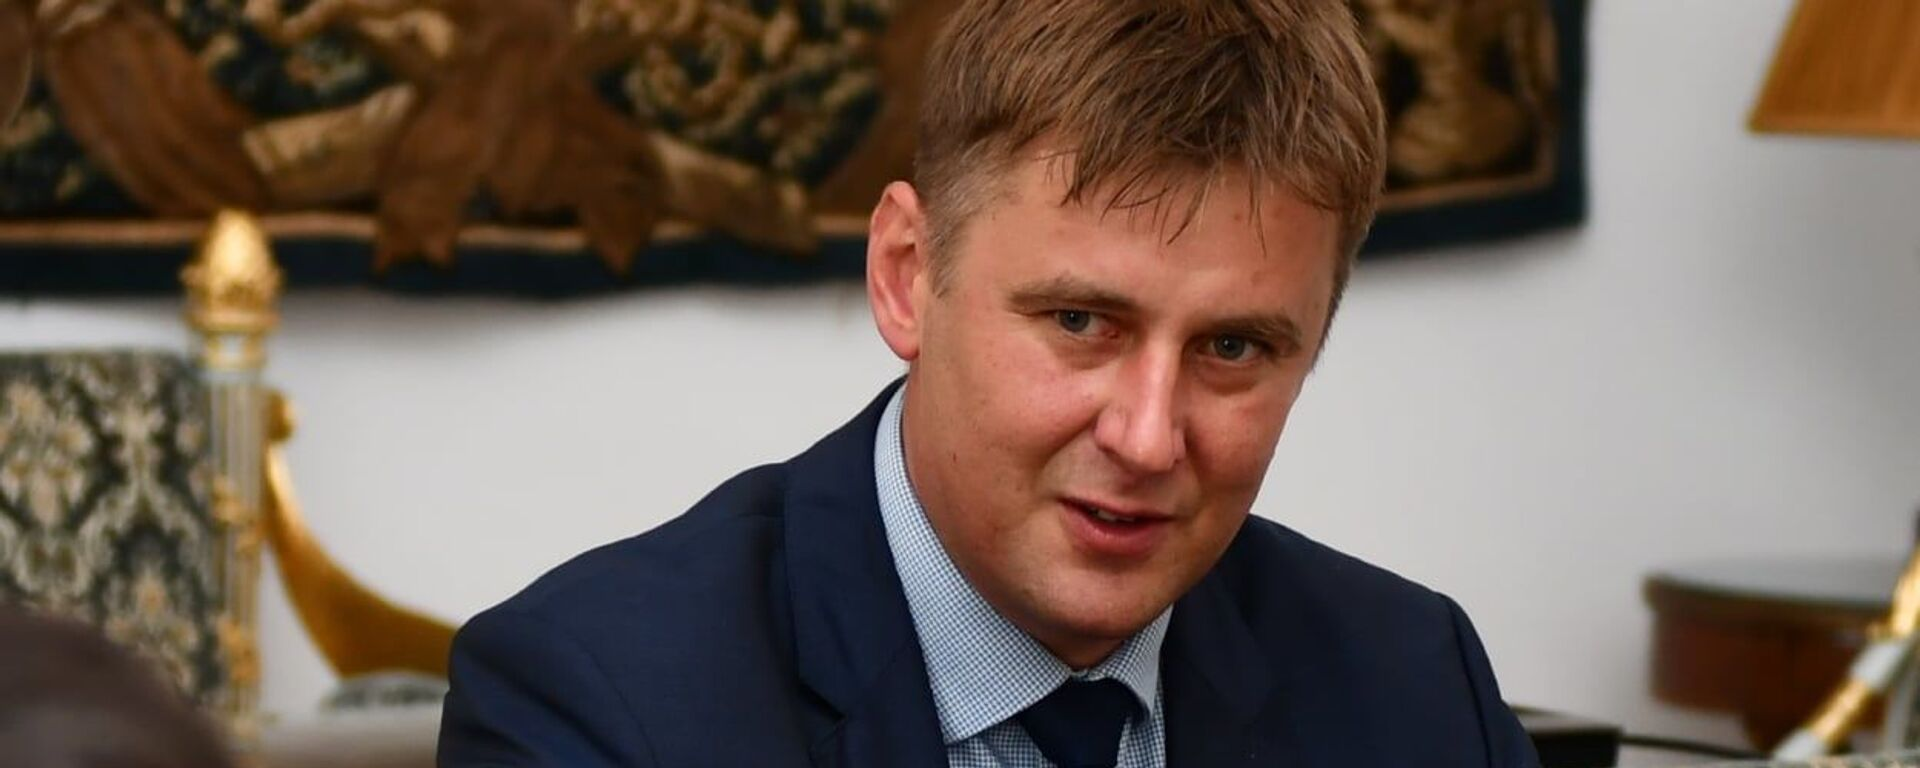 Ministr zahraničí a místopředseda ČSSD Tomáš Petříček - Sputnik Česká republika, 1920, 04.02.2021